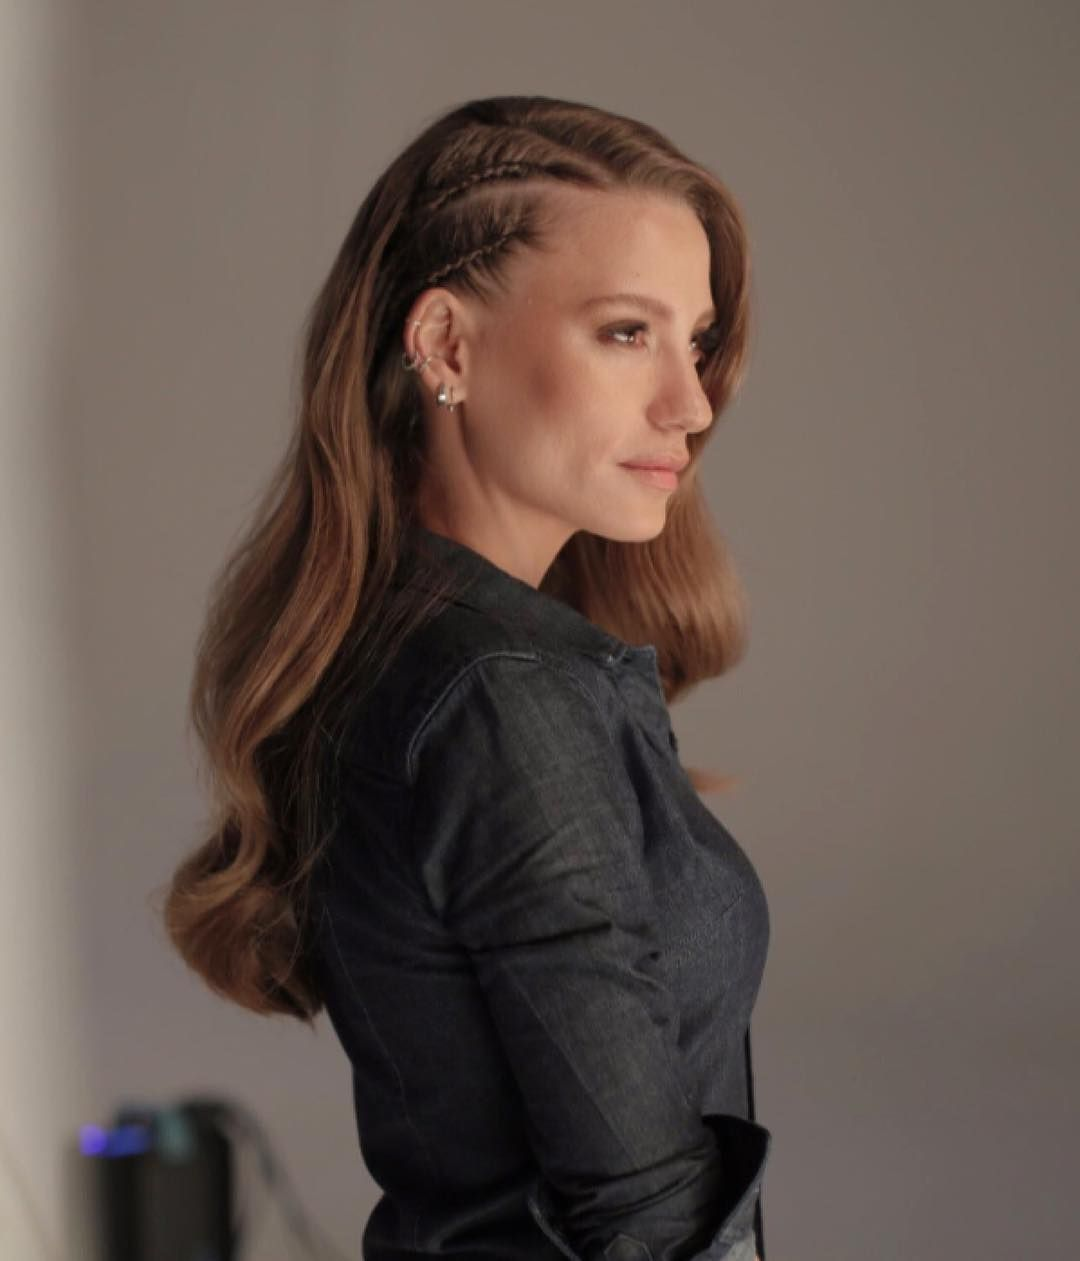 Serenay Sarıkaya Fan Eşsiz Bir Güzellik Serenaysarikaya Headandshoulders Muhteşem Saç Modelleri Muhteşem Saç Kumral Saçlar